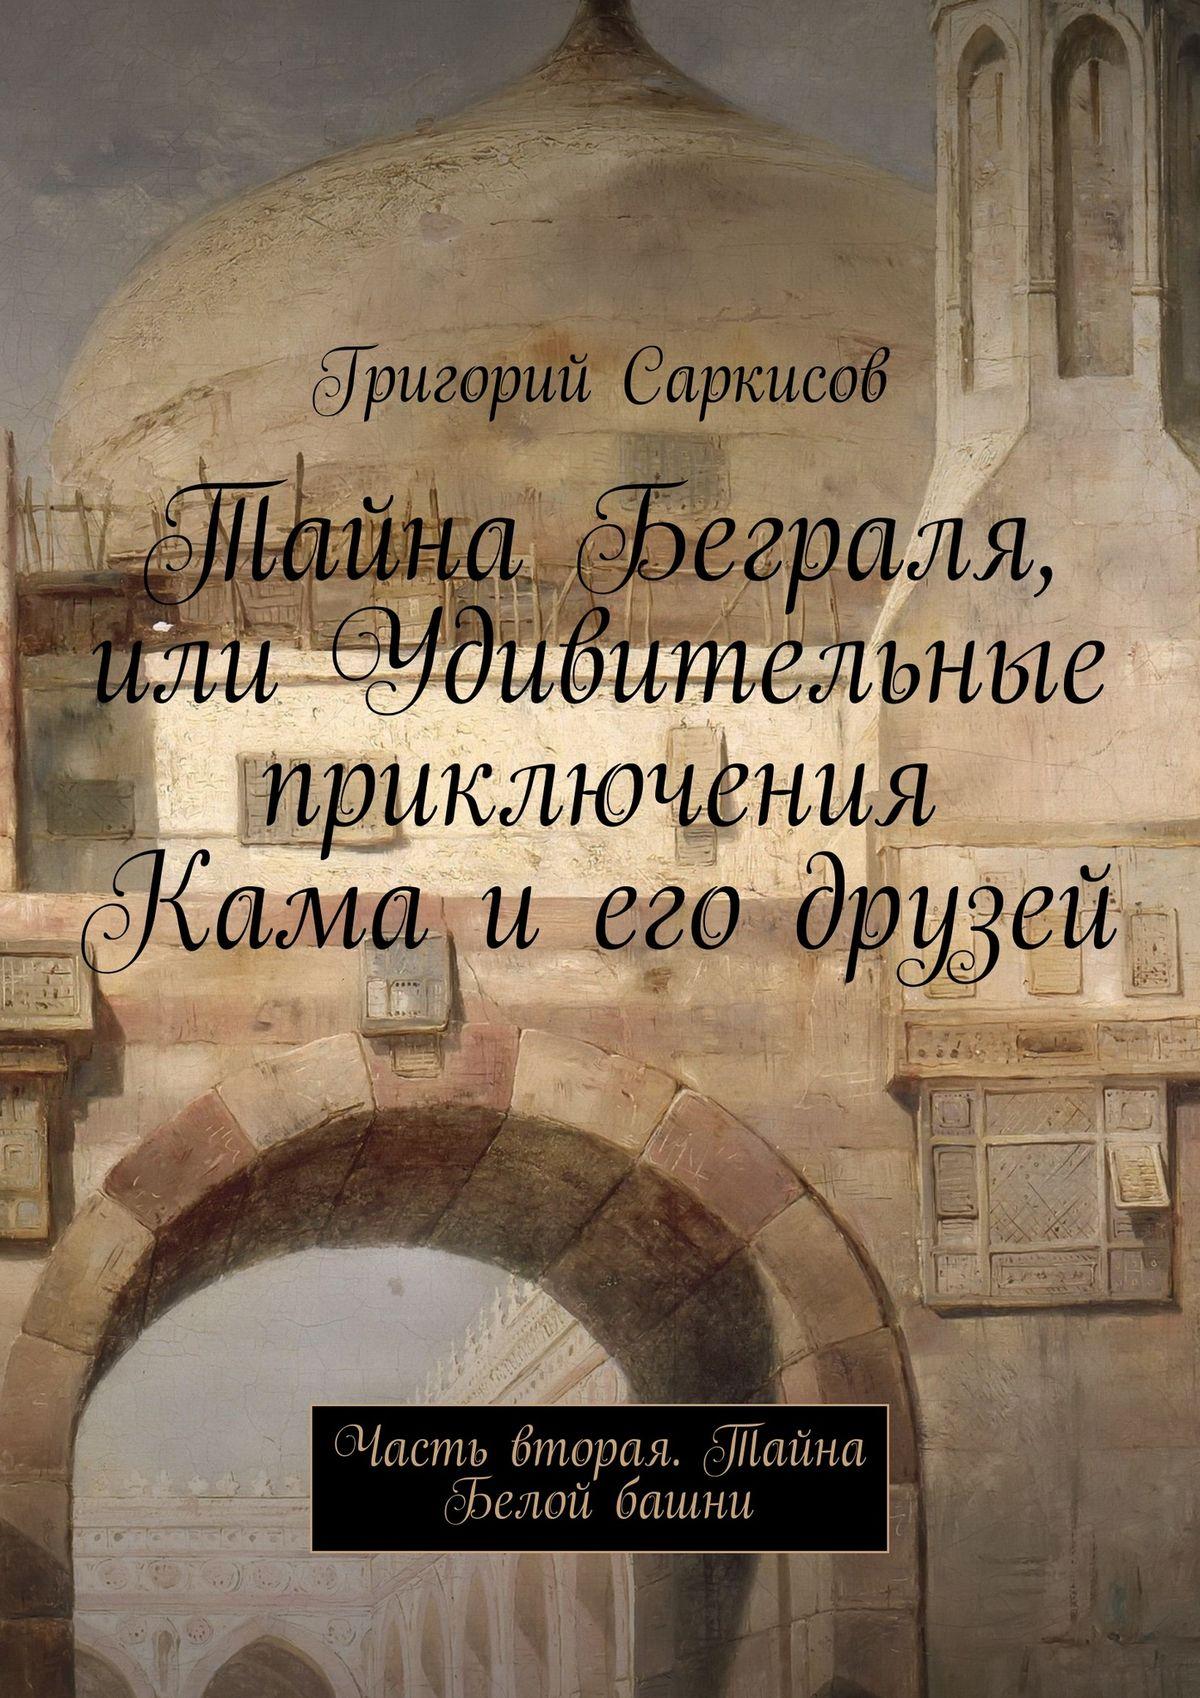 Григорий Саркисов Тайна Беграля, или Удивительные приключения Кама и его друзей. Часть вторая. Тайна Белой башни